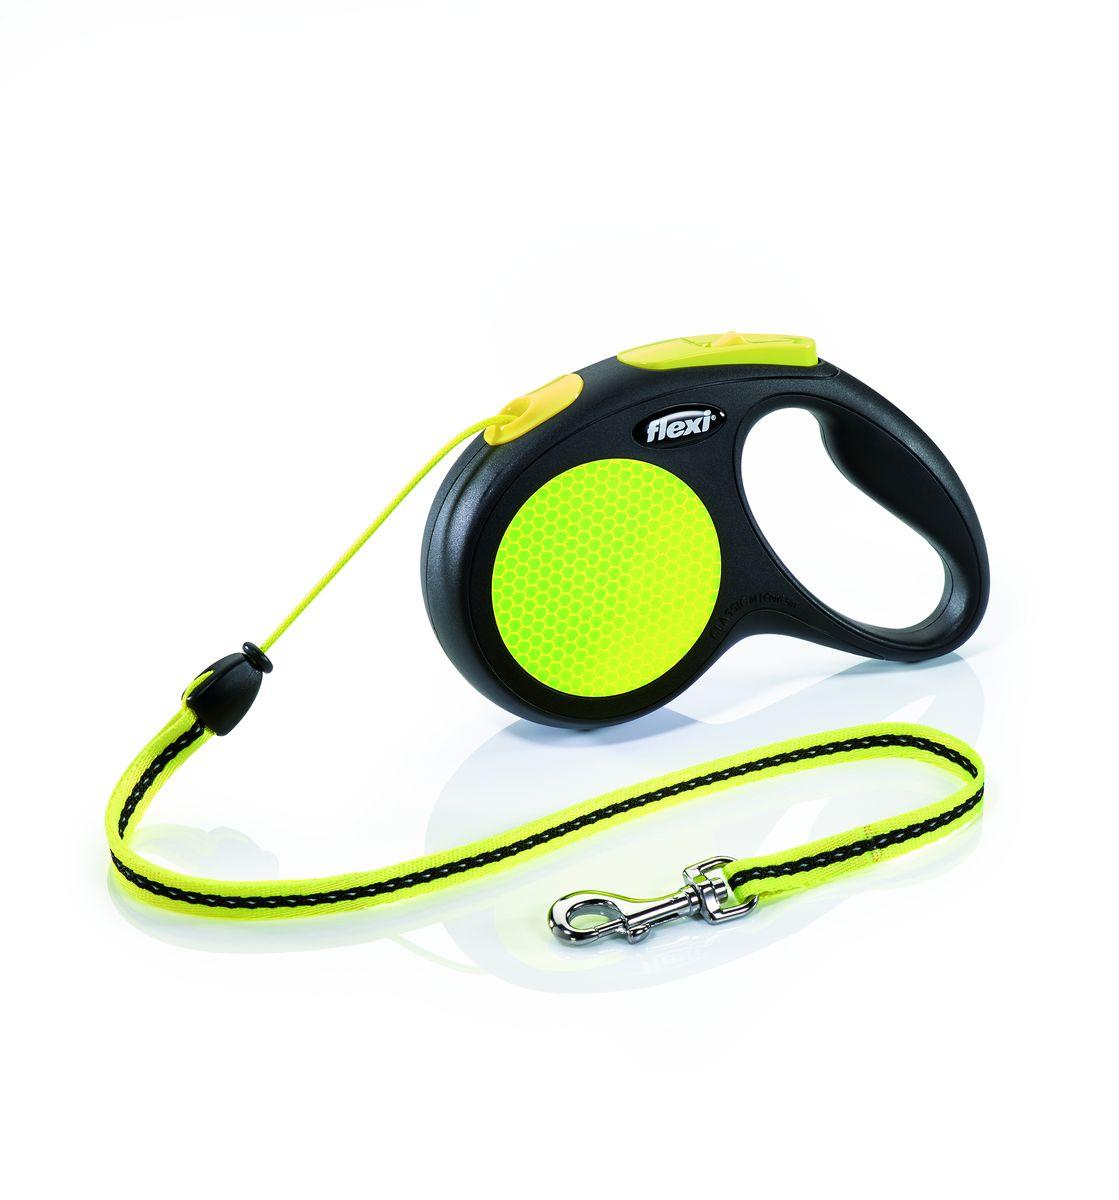 Поводок-рулетка Flexi Neon New Classic М, трос, для собак весом до 20 кг, 5 м поводки triol поводок рулетка